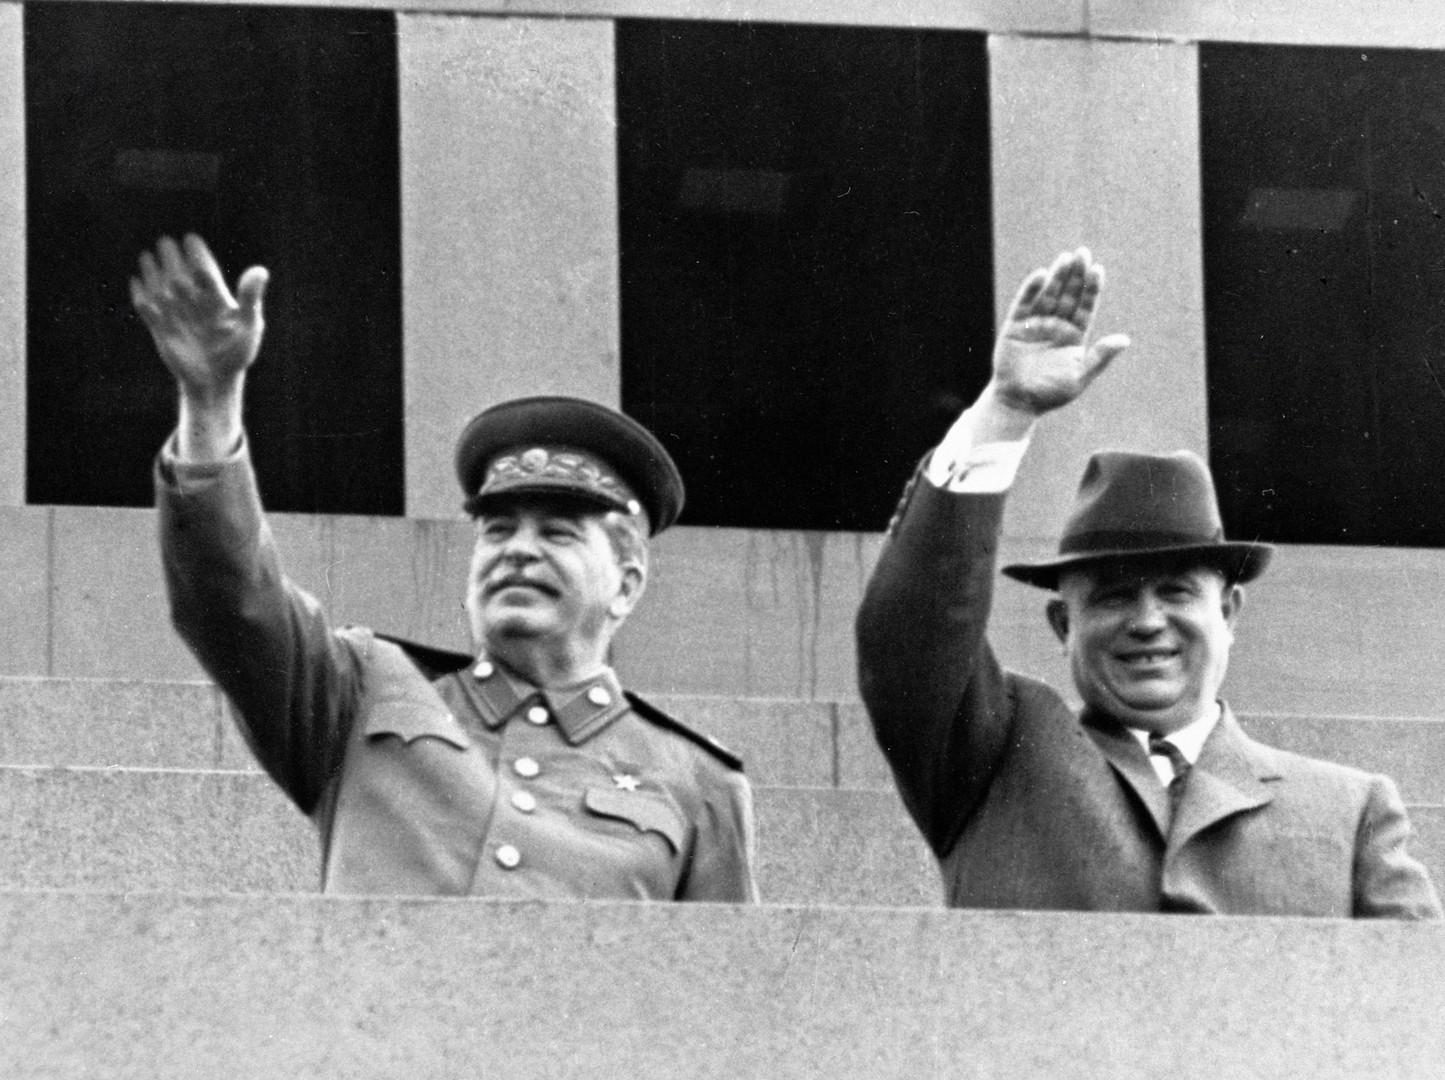 Warum scheiterte das Sowjetsystem? Der Politologe Dmitri Kulikow im Gespräch mit RT Deutsch